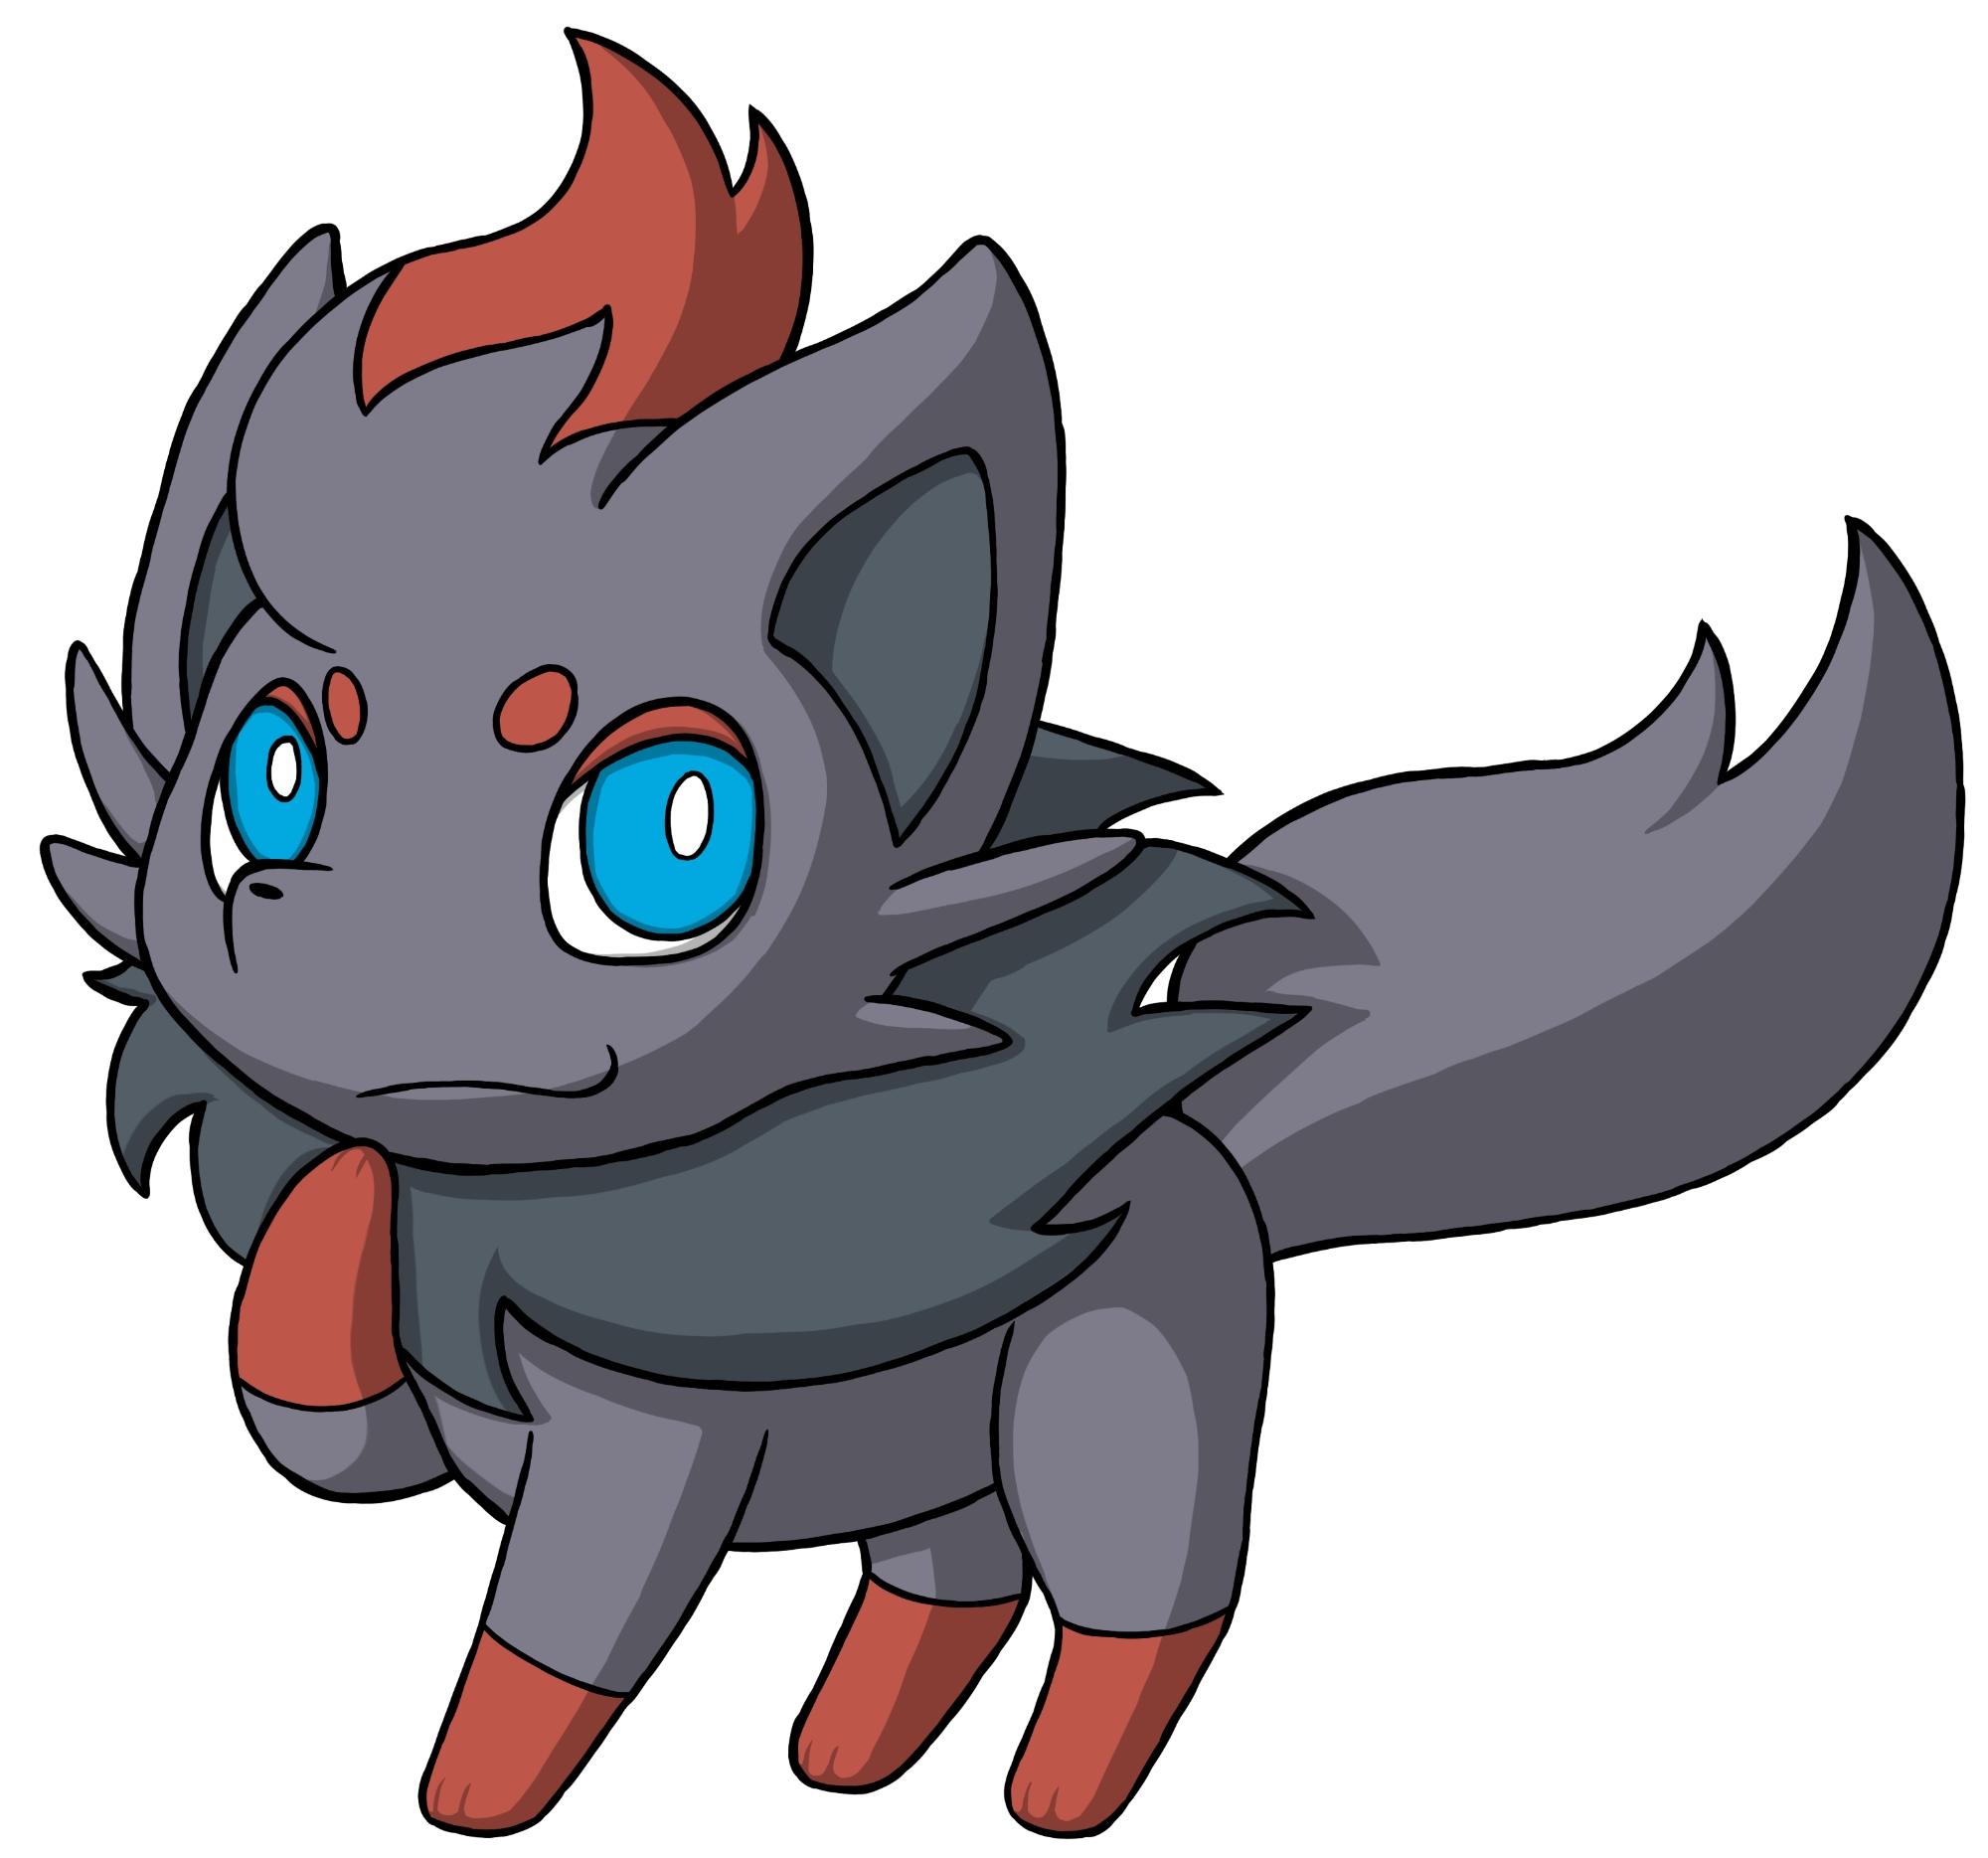 Pokémon-Zeichnung: Zorua - mit Schatten